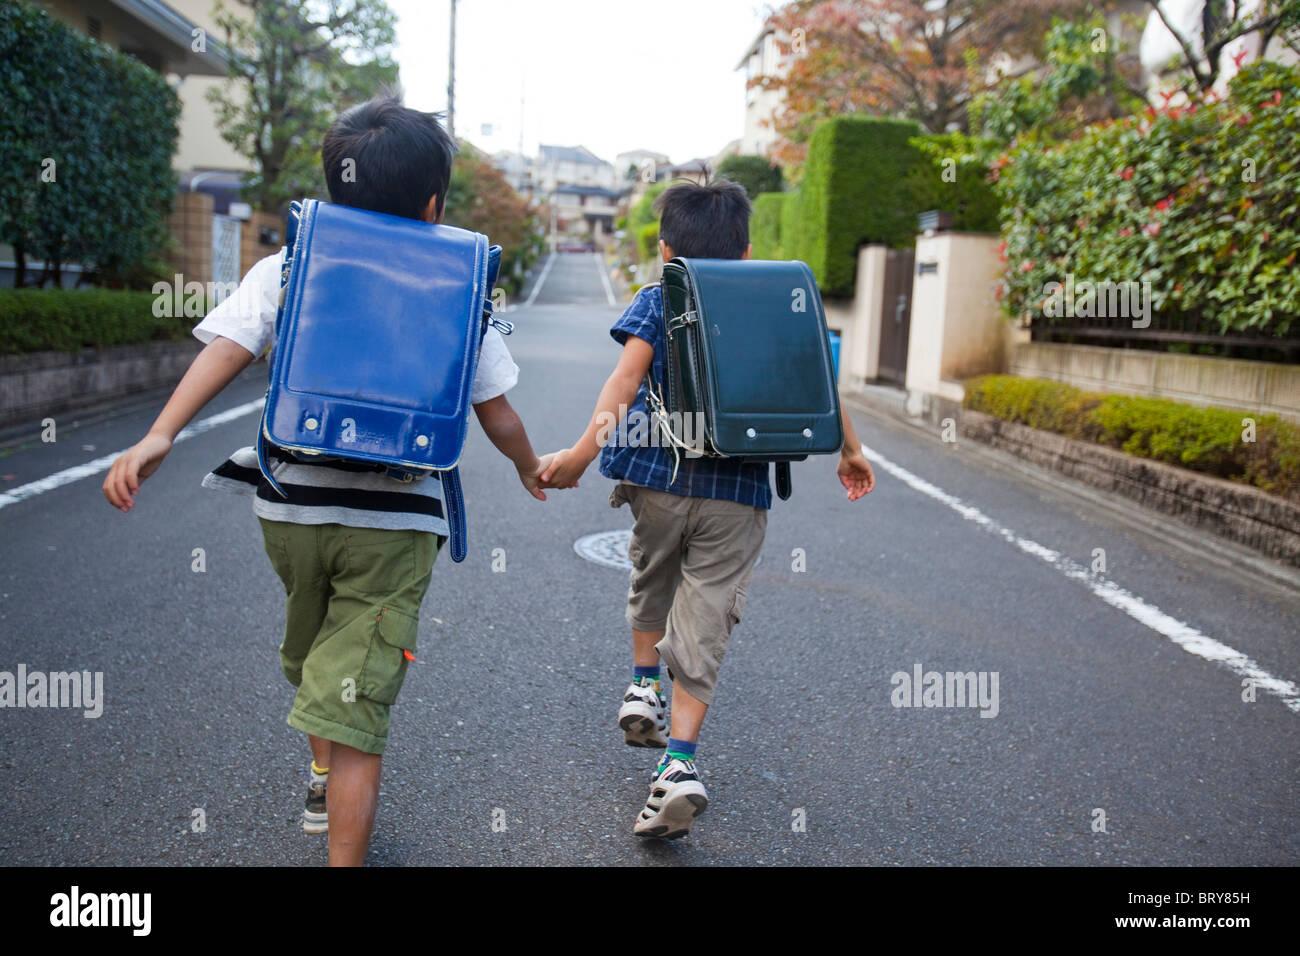 Jungen halten sich an den Händen und laufen, Präfektur Tokio, Honshu, Japan Stockfoto